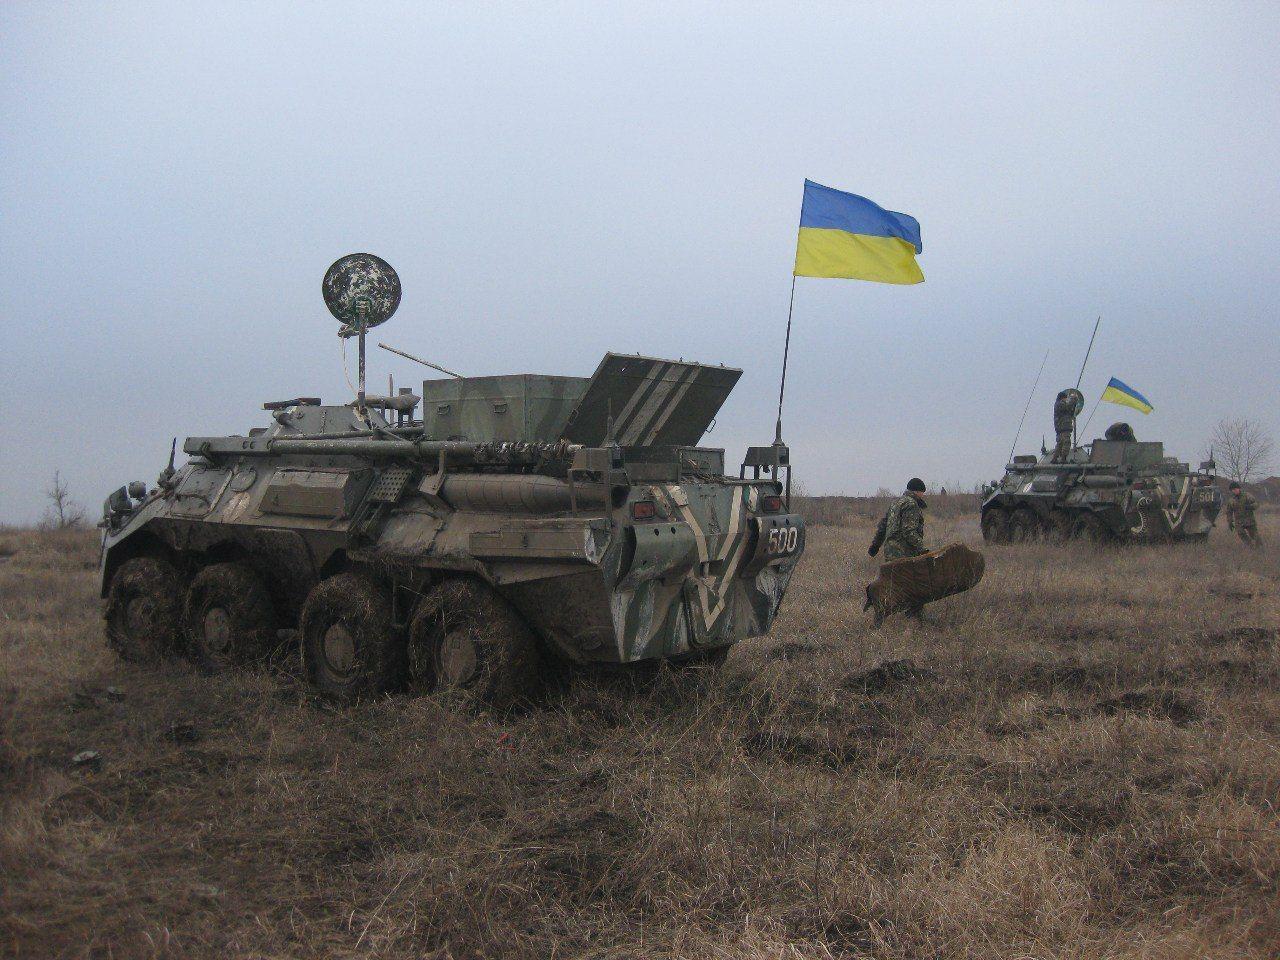 Доба в ООС: унаслідок ворожого пострілу один український захисник зазнав акубаротравми